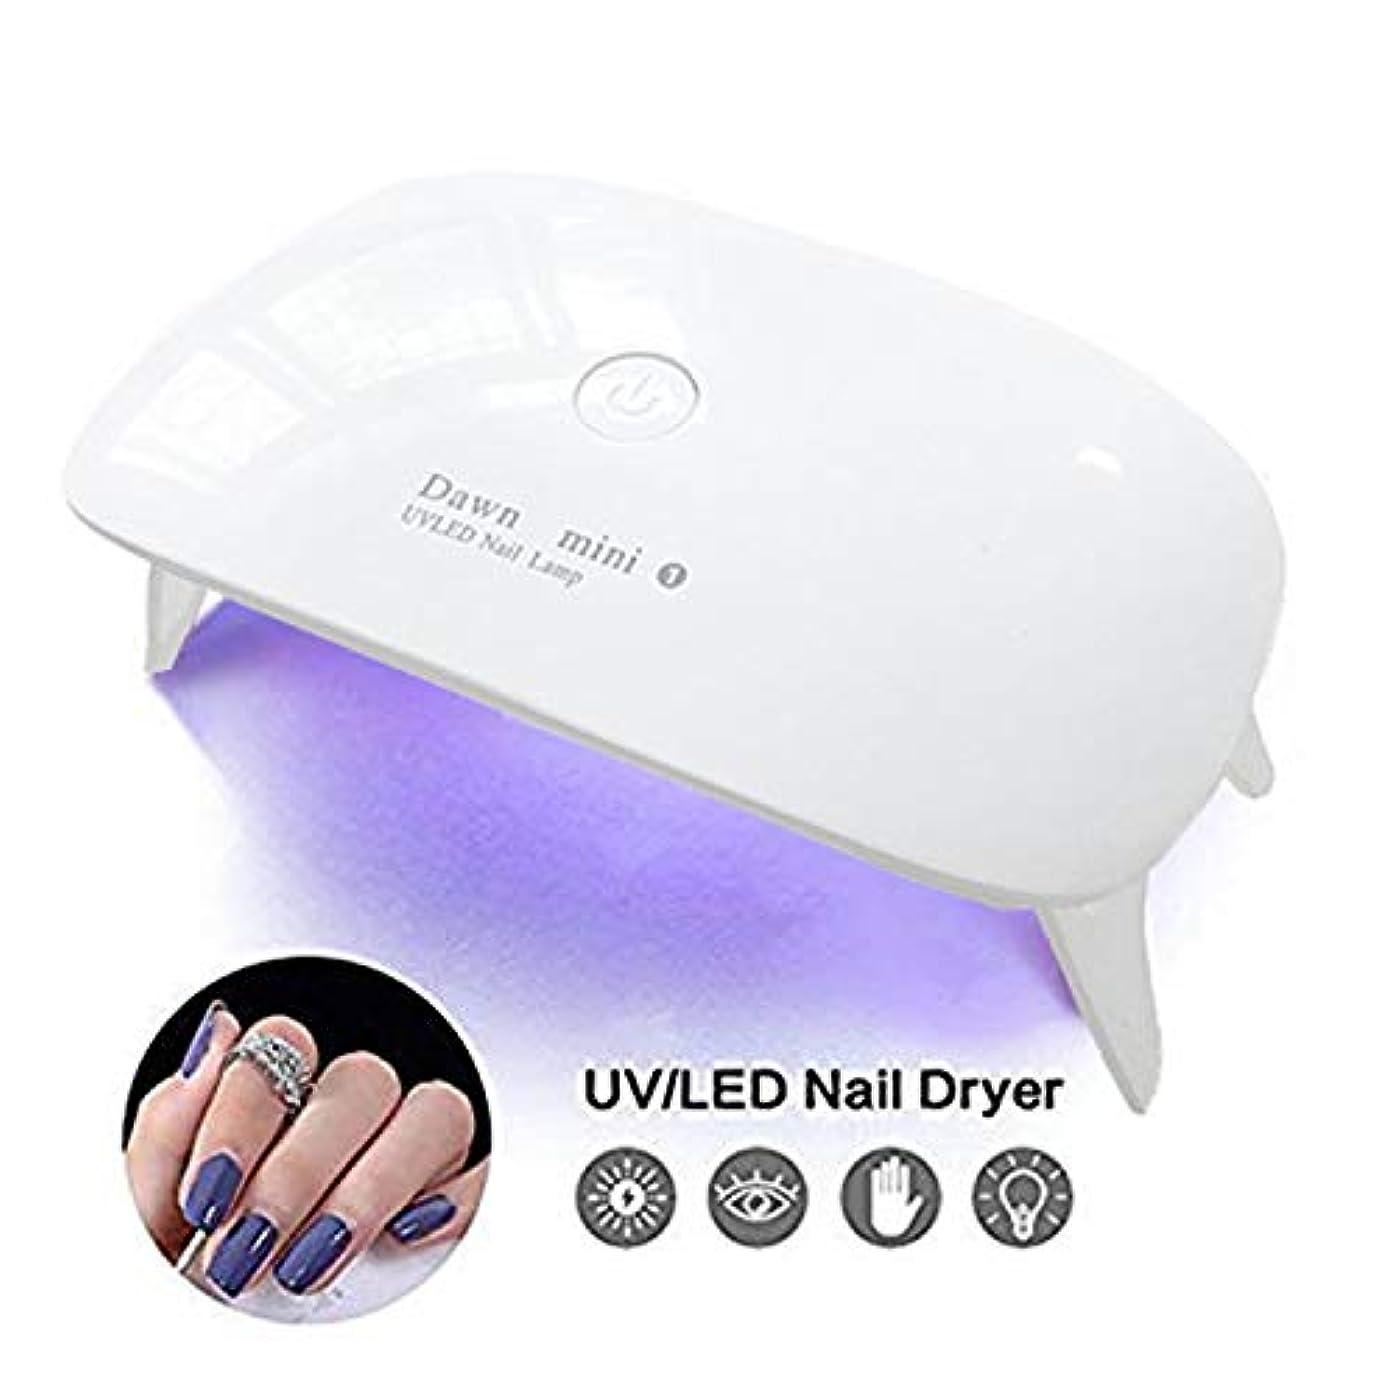 ベーリング海峡酸度法的UVライト LEDネイルドライヤー ジェルネイルLEDライト 硬化ライト タイマー設定可能 折りたたみ式手足とも使える UV と LEDダブルライト ジェルネイル用 ホワイト 日本語説明書付き